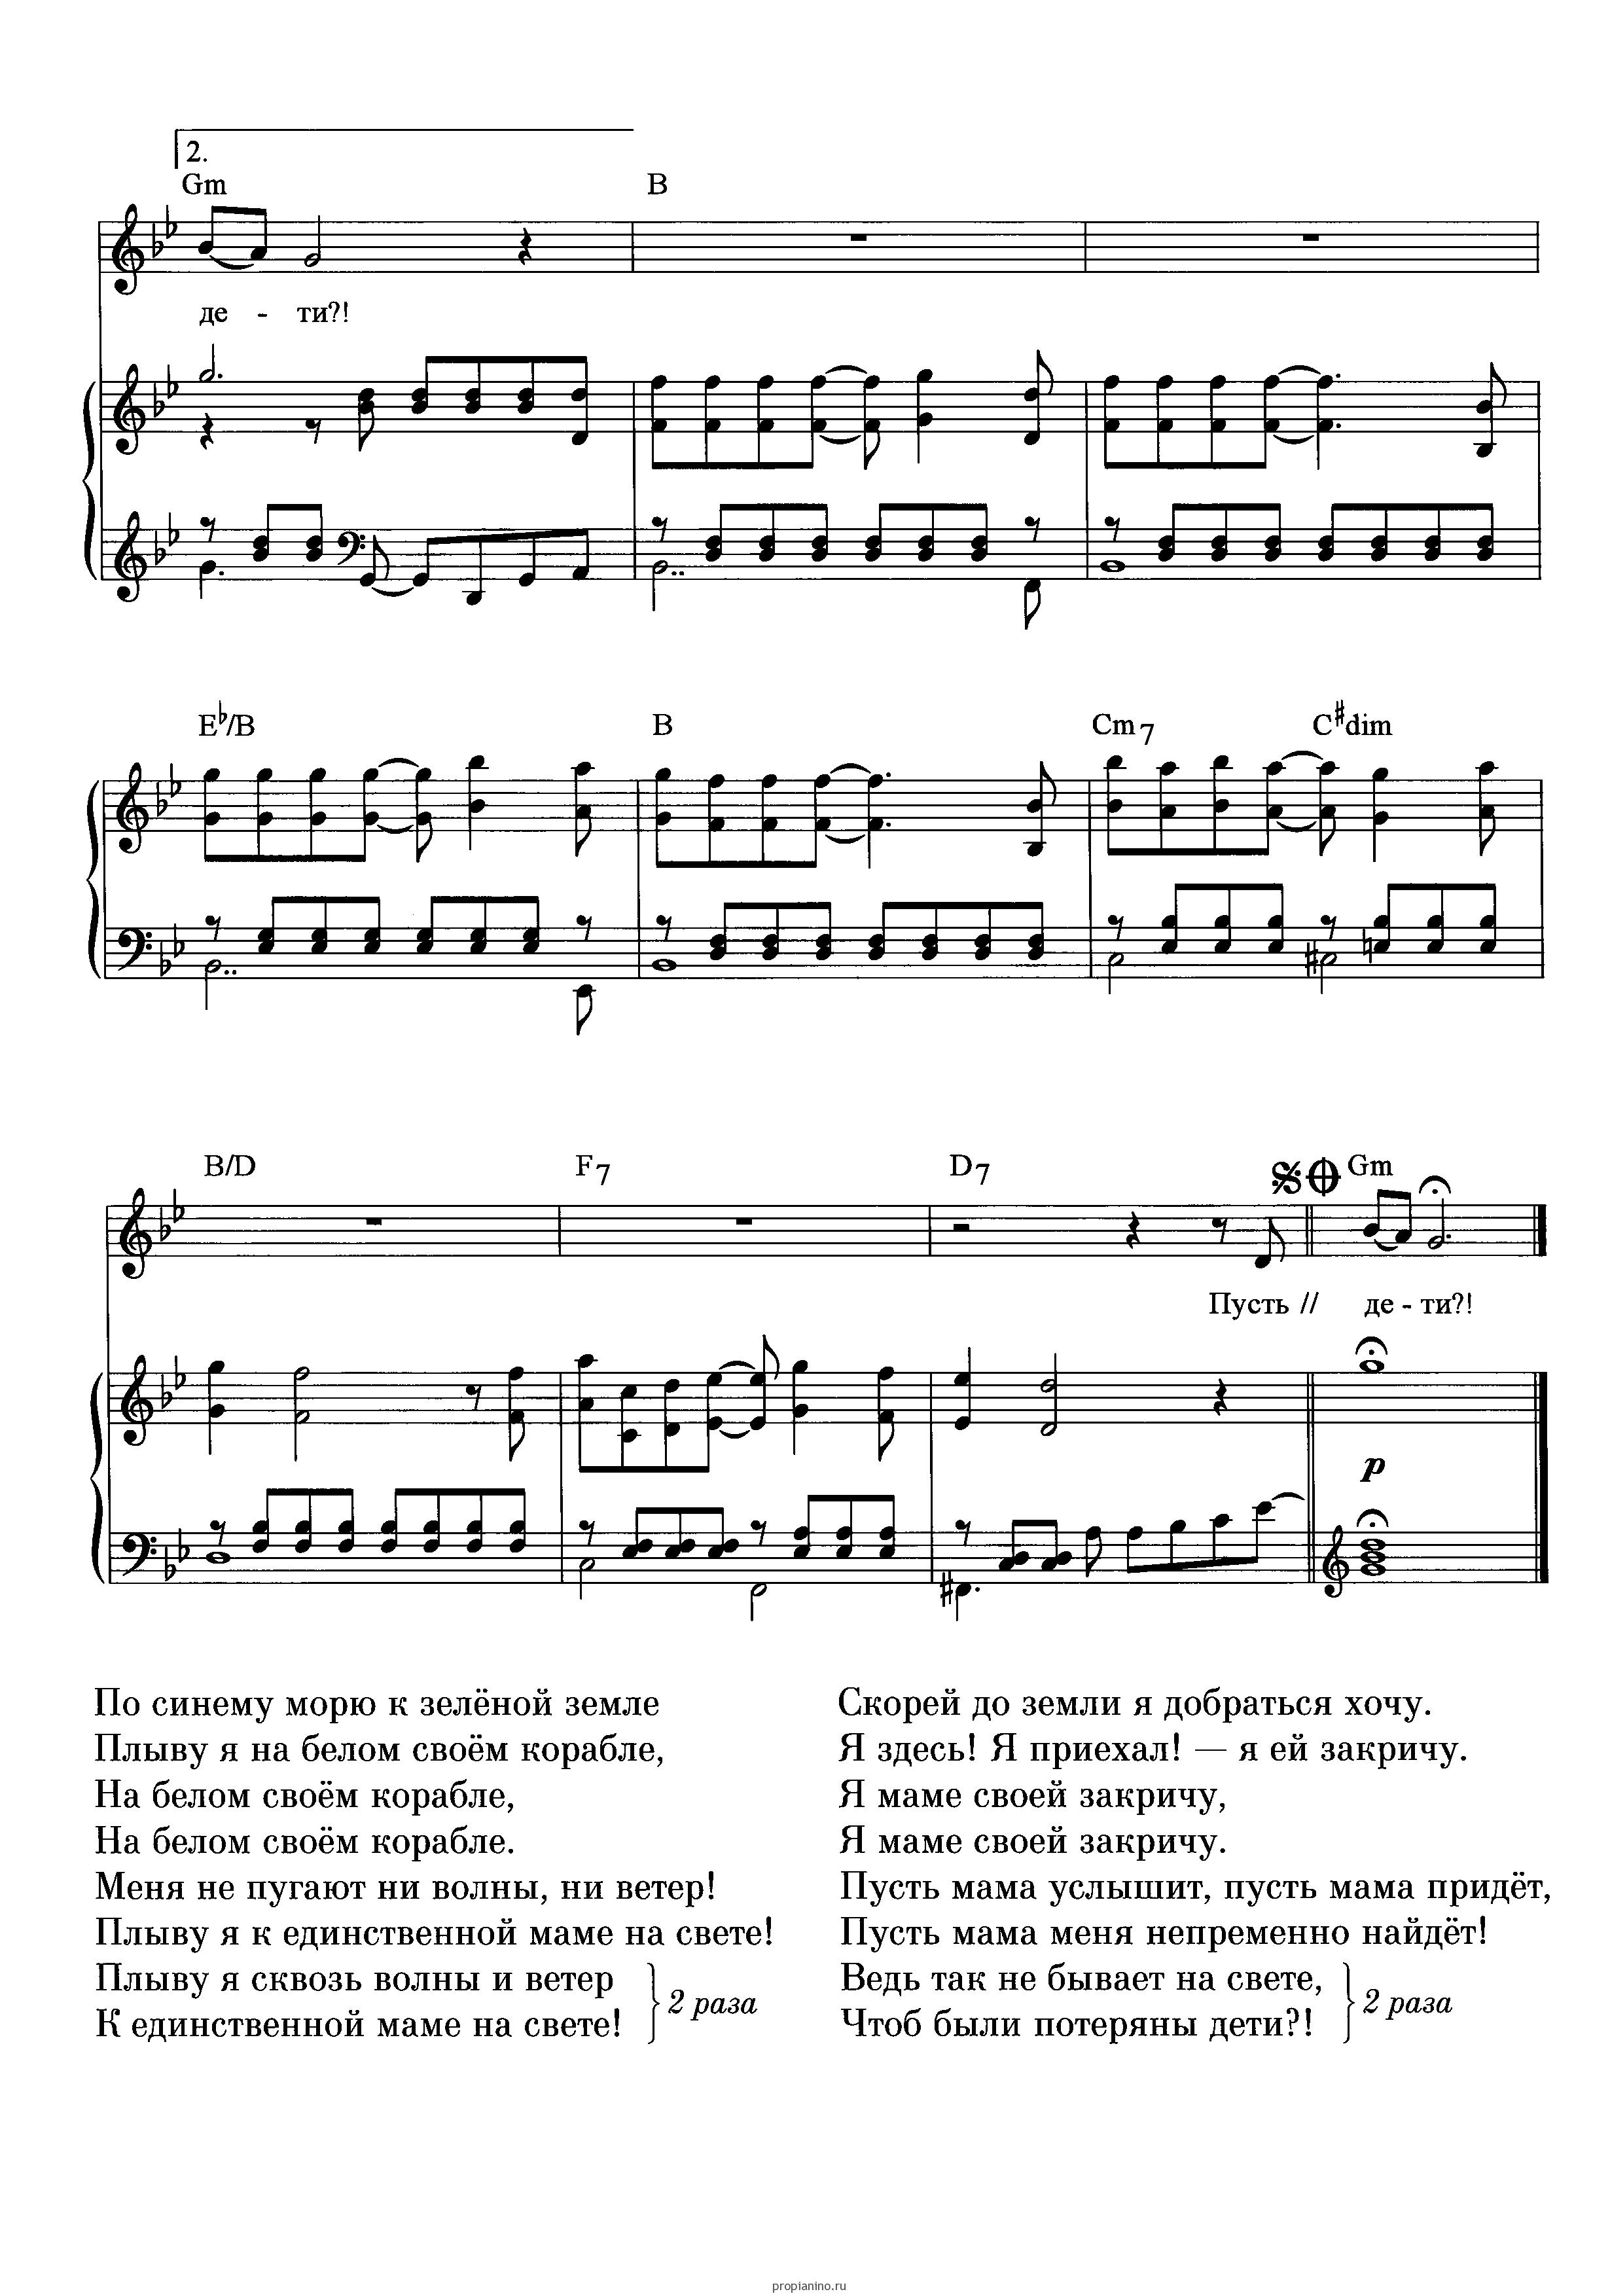 Домодедово, Московская музыка спое шаманщик сидое геологическое доизучение ранее